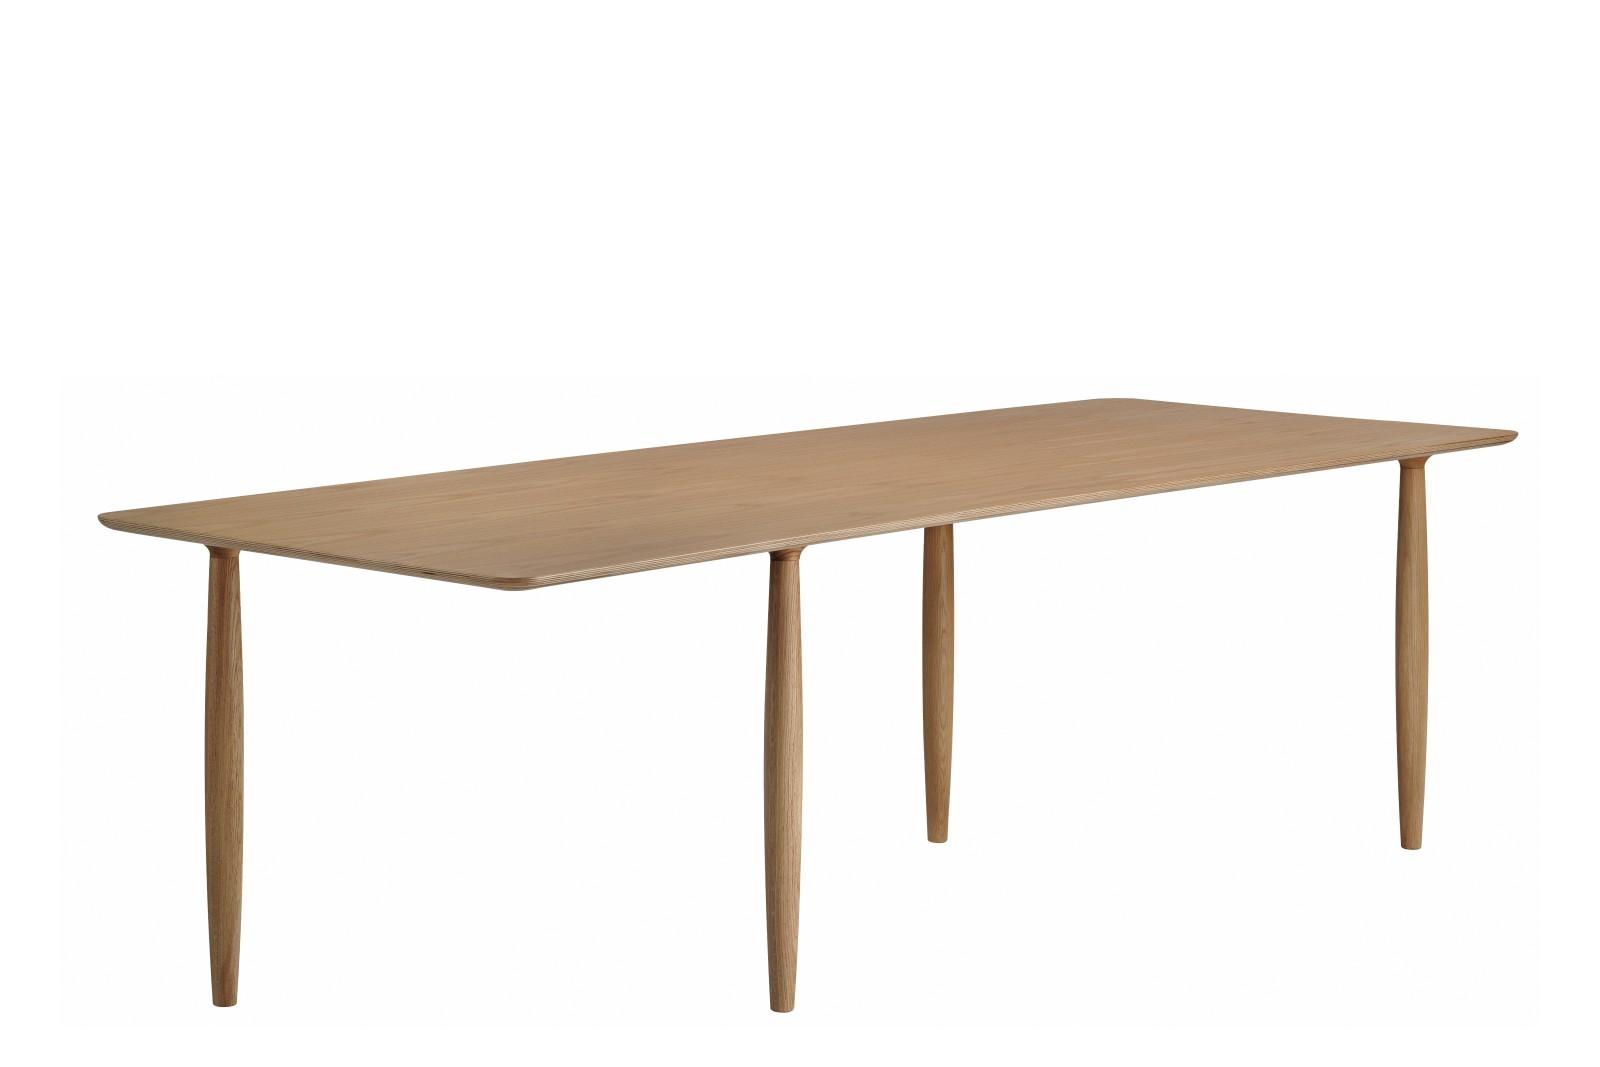 Oku Dining Table Smoked, 250 cm